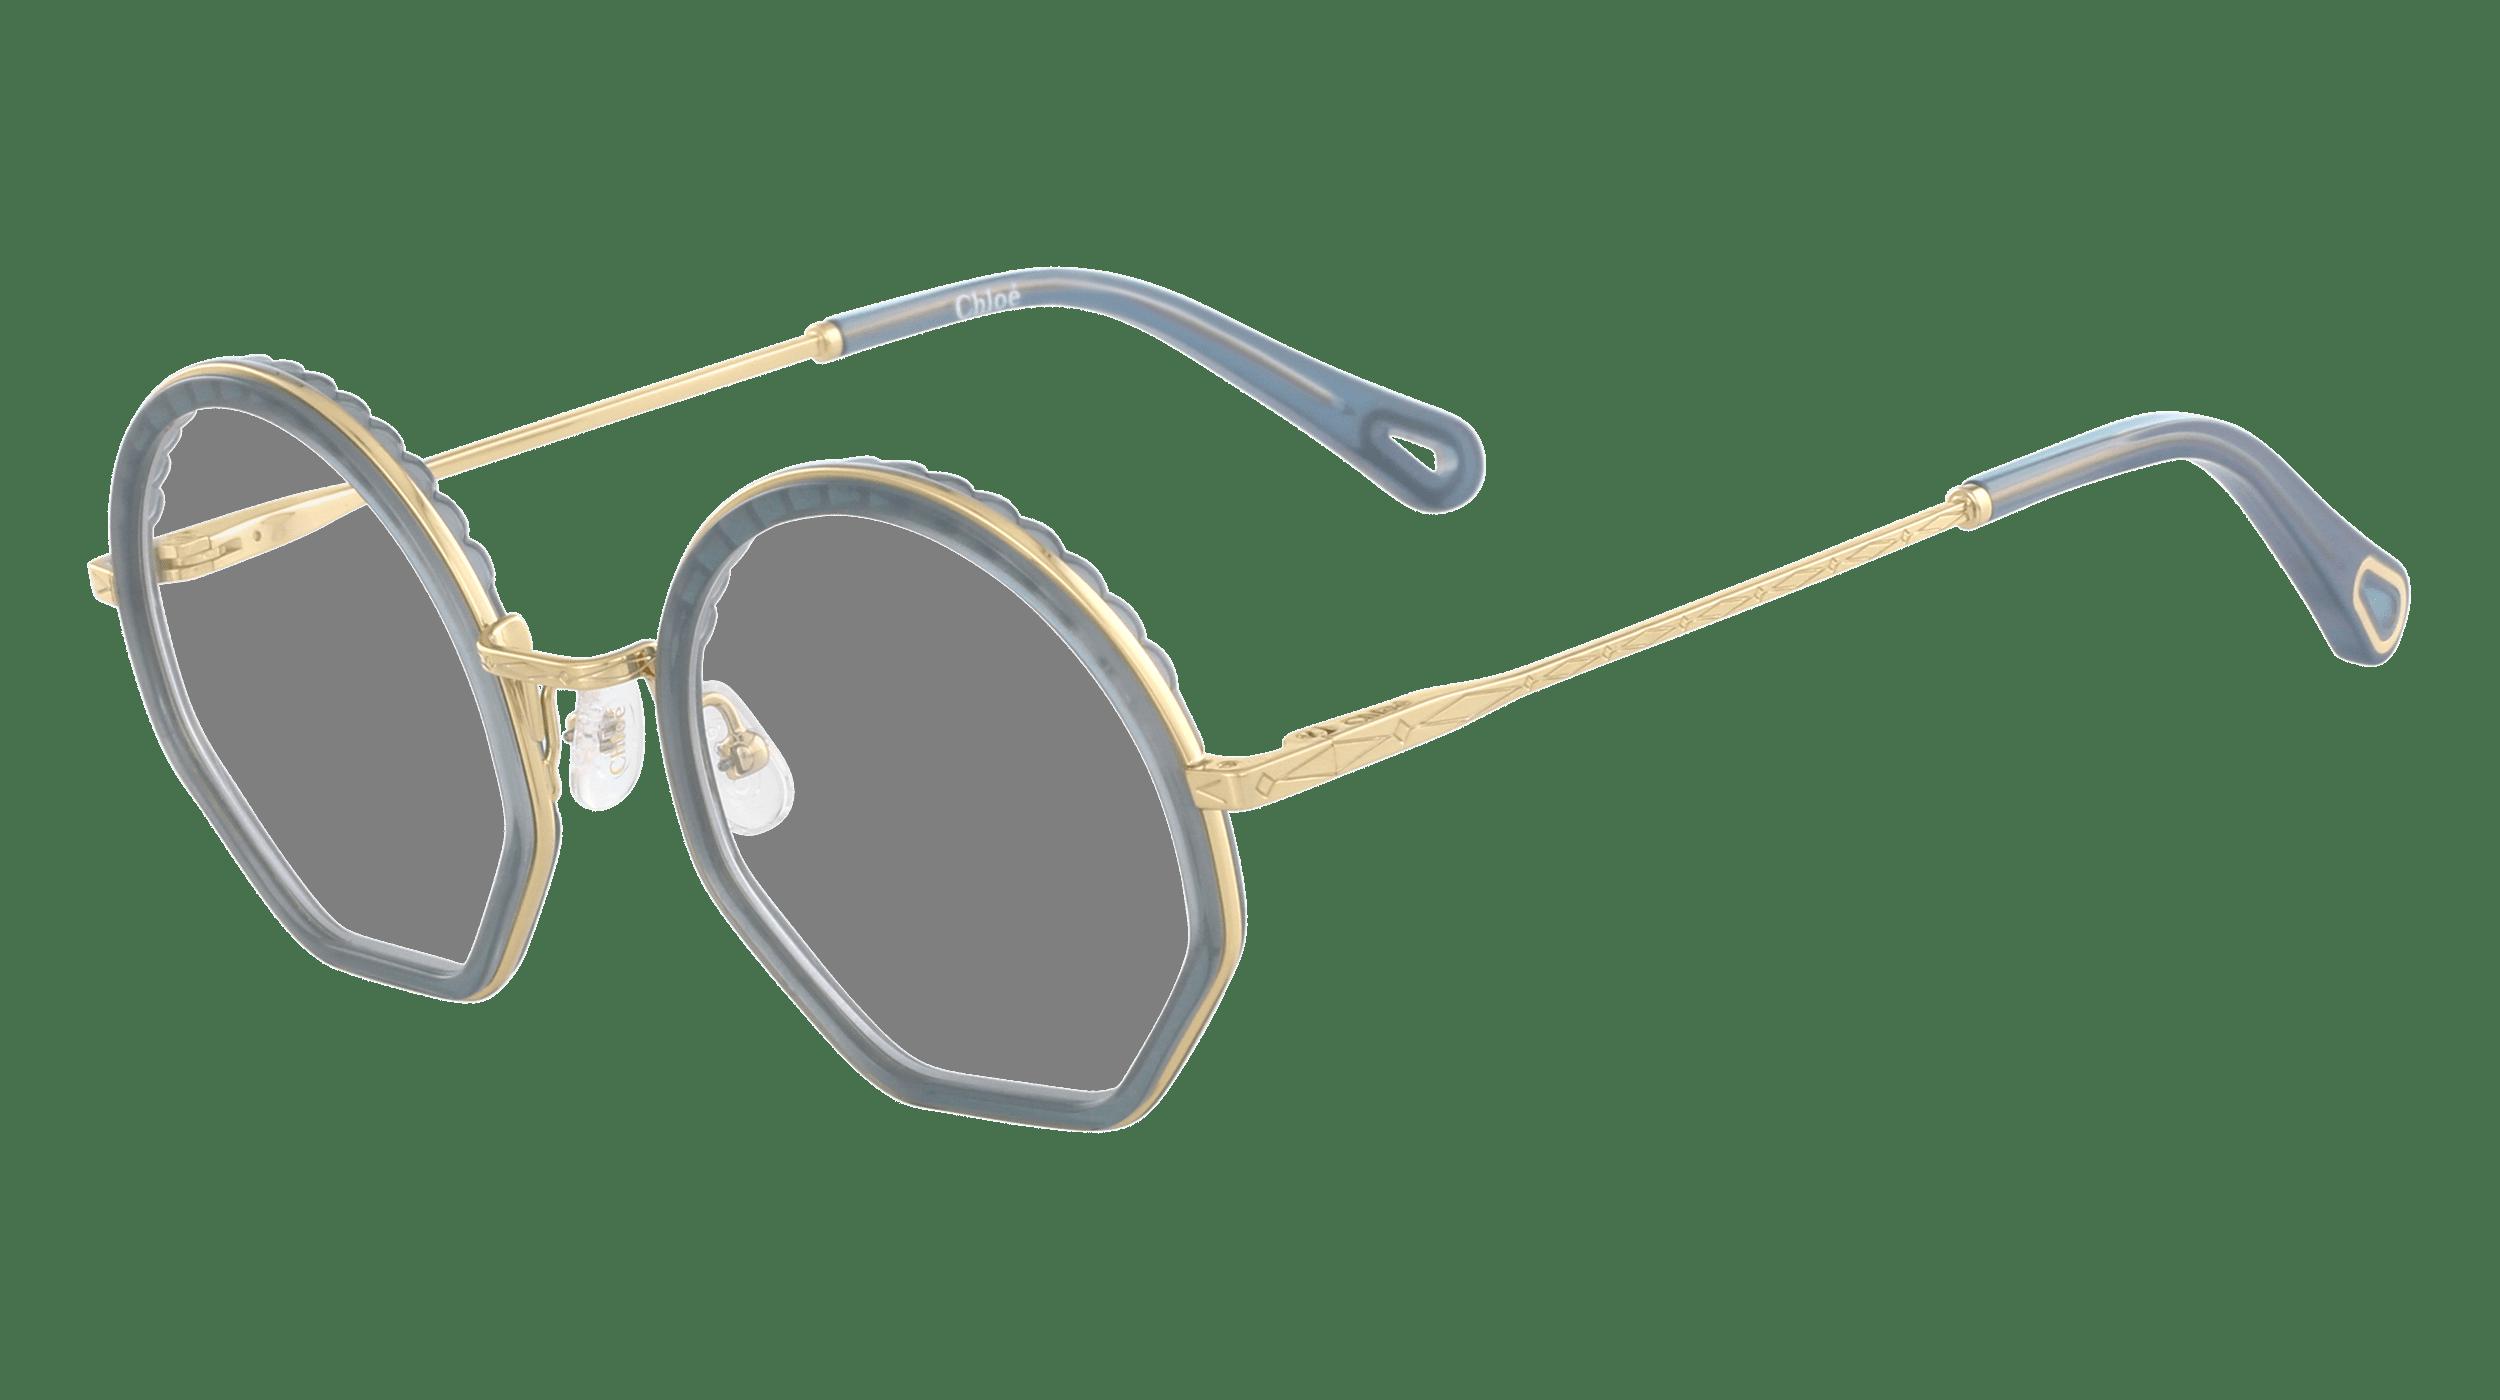 Cloé Korrekturbrille mit runden Brillengläsern und goldenem Gestell und blauen Akzenten an Brillenrahmen und Bügelenden.